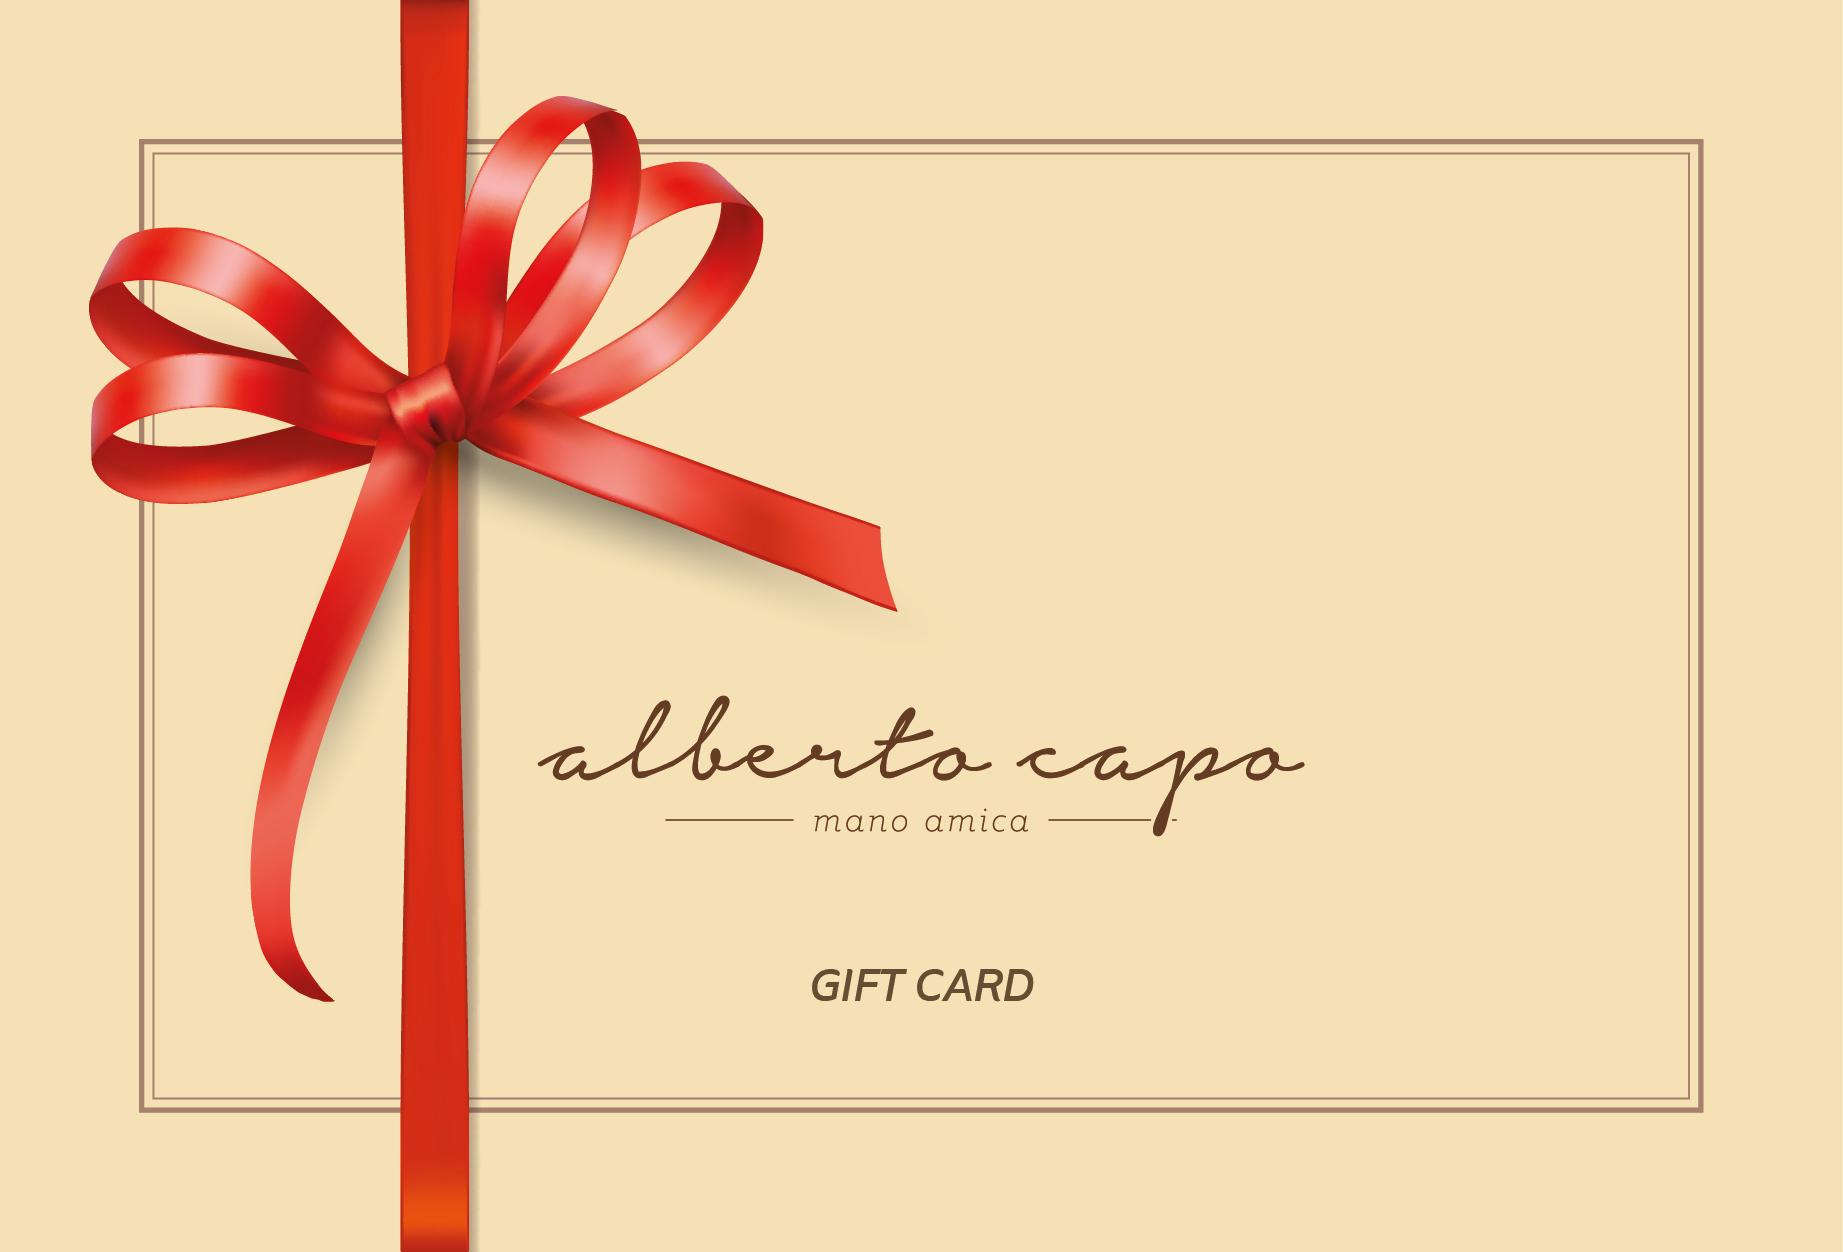 alberto-capo-chioggia-gift-card-2_gift_card_alberto_capo-01